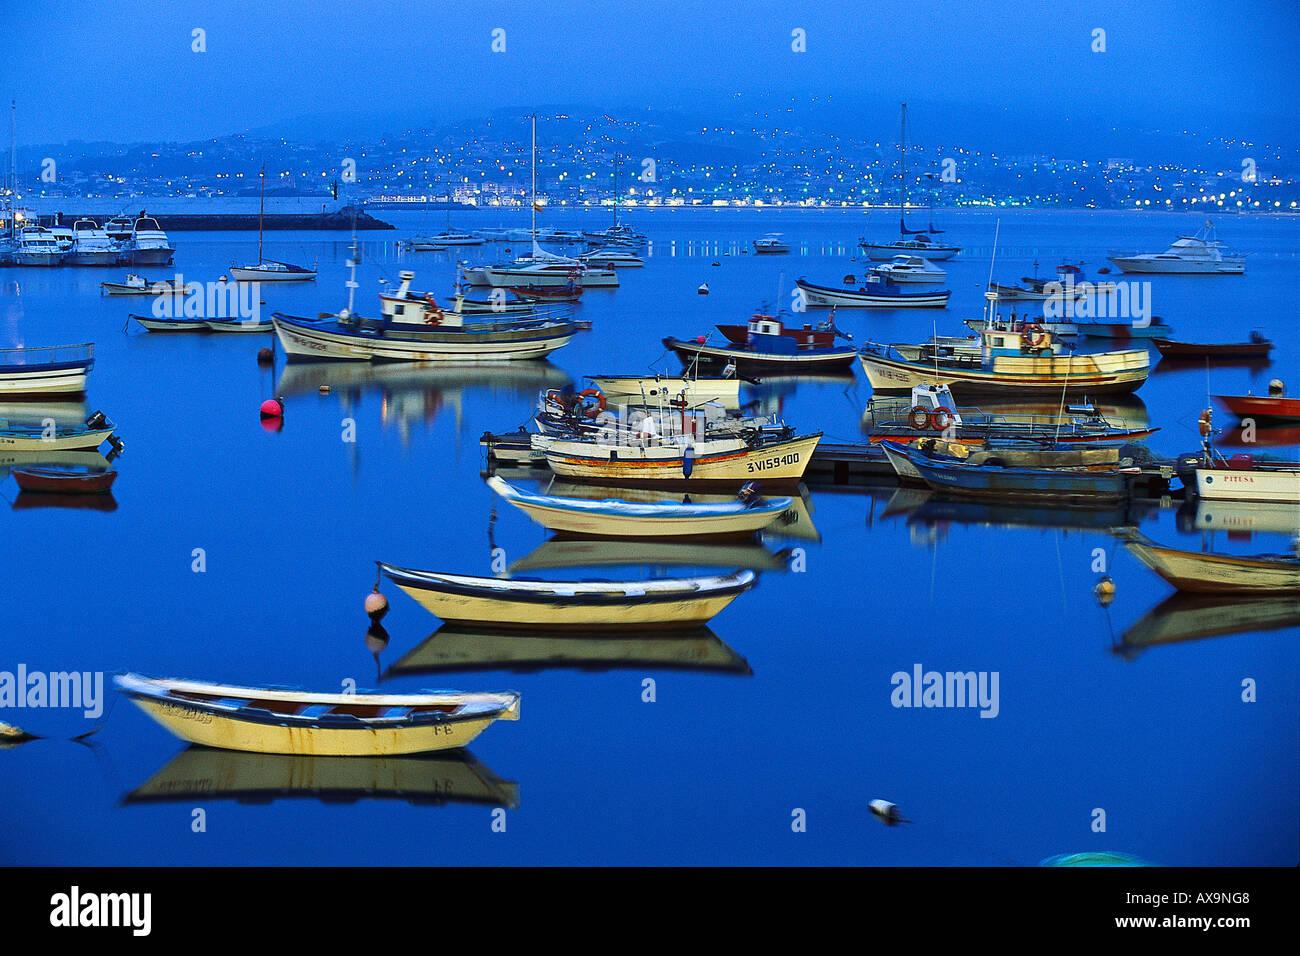 Angelboote/Fischerboote im Hafen bei Nacht, Ria de Baiona, Pontevedra, Galicien, Spanien Stockfoto